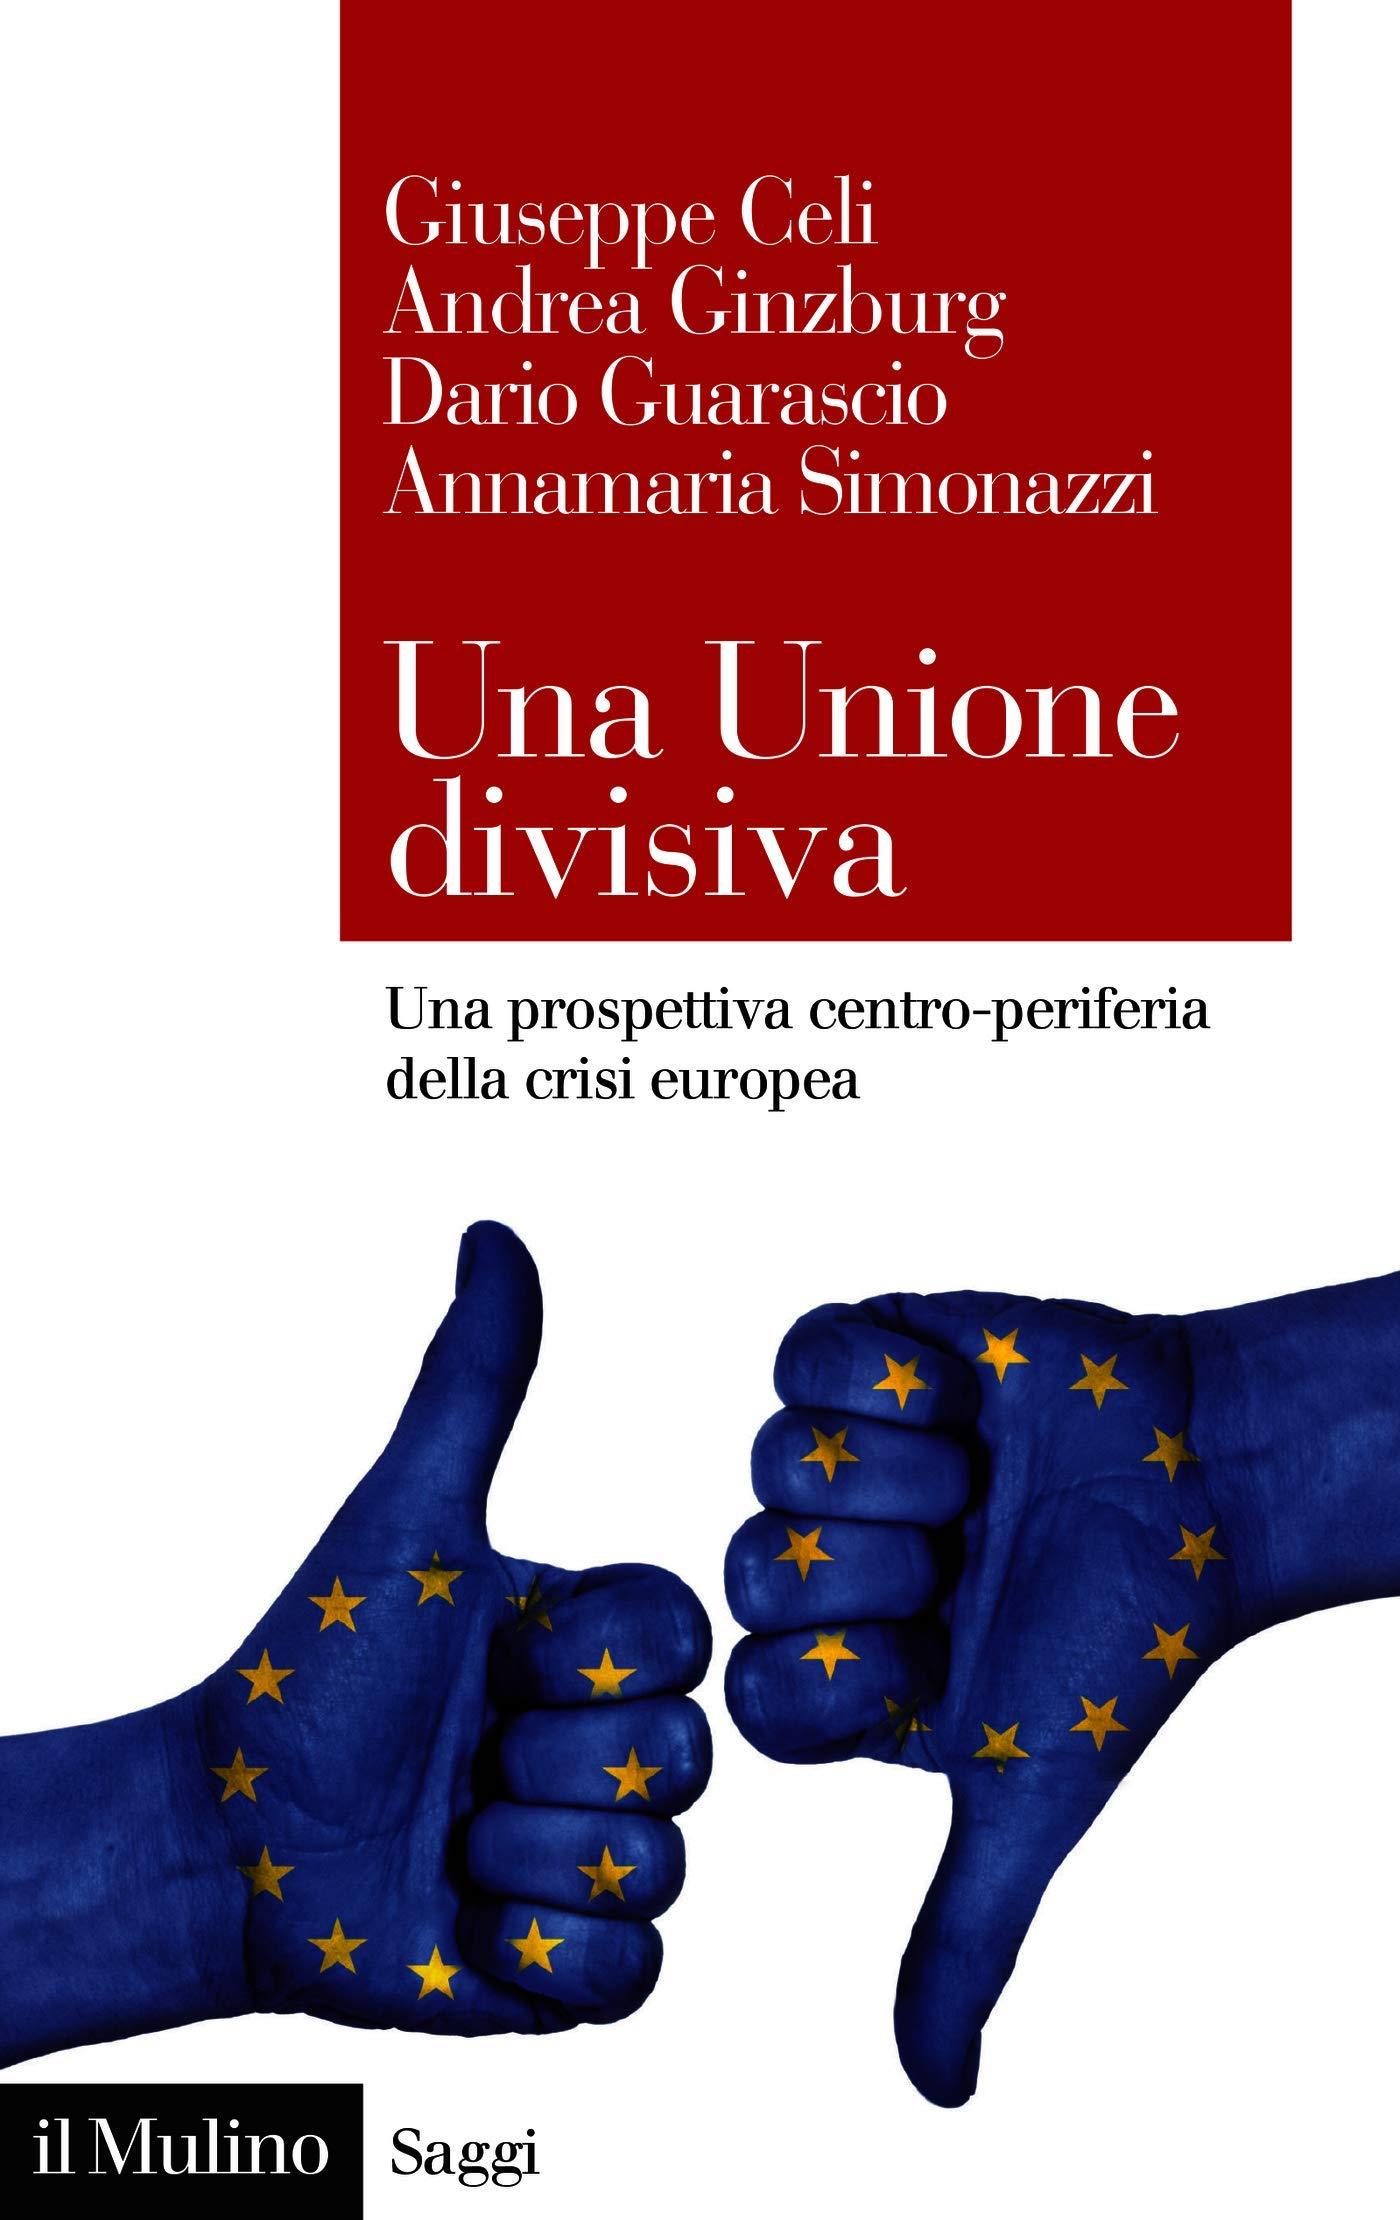 Una Unione divisiva: Una prospettiva centro-periferia della crisi europea (Saggi) di Giuseppe Celi